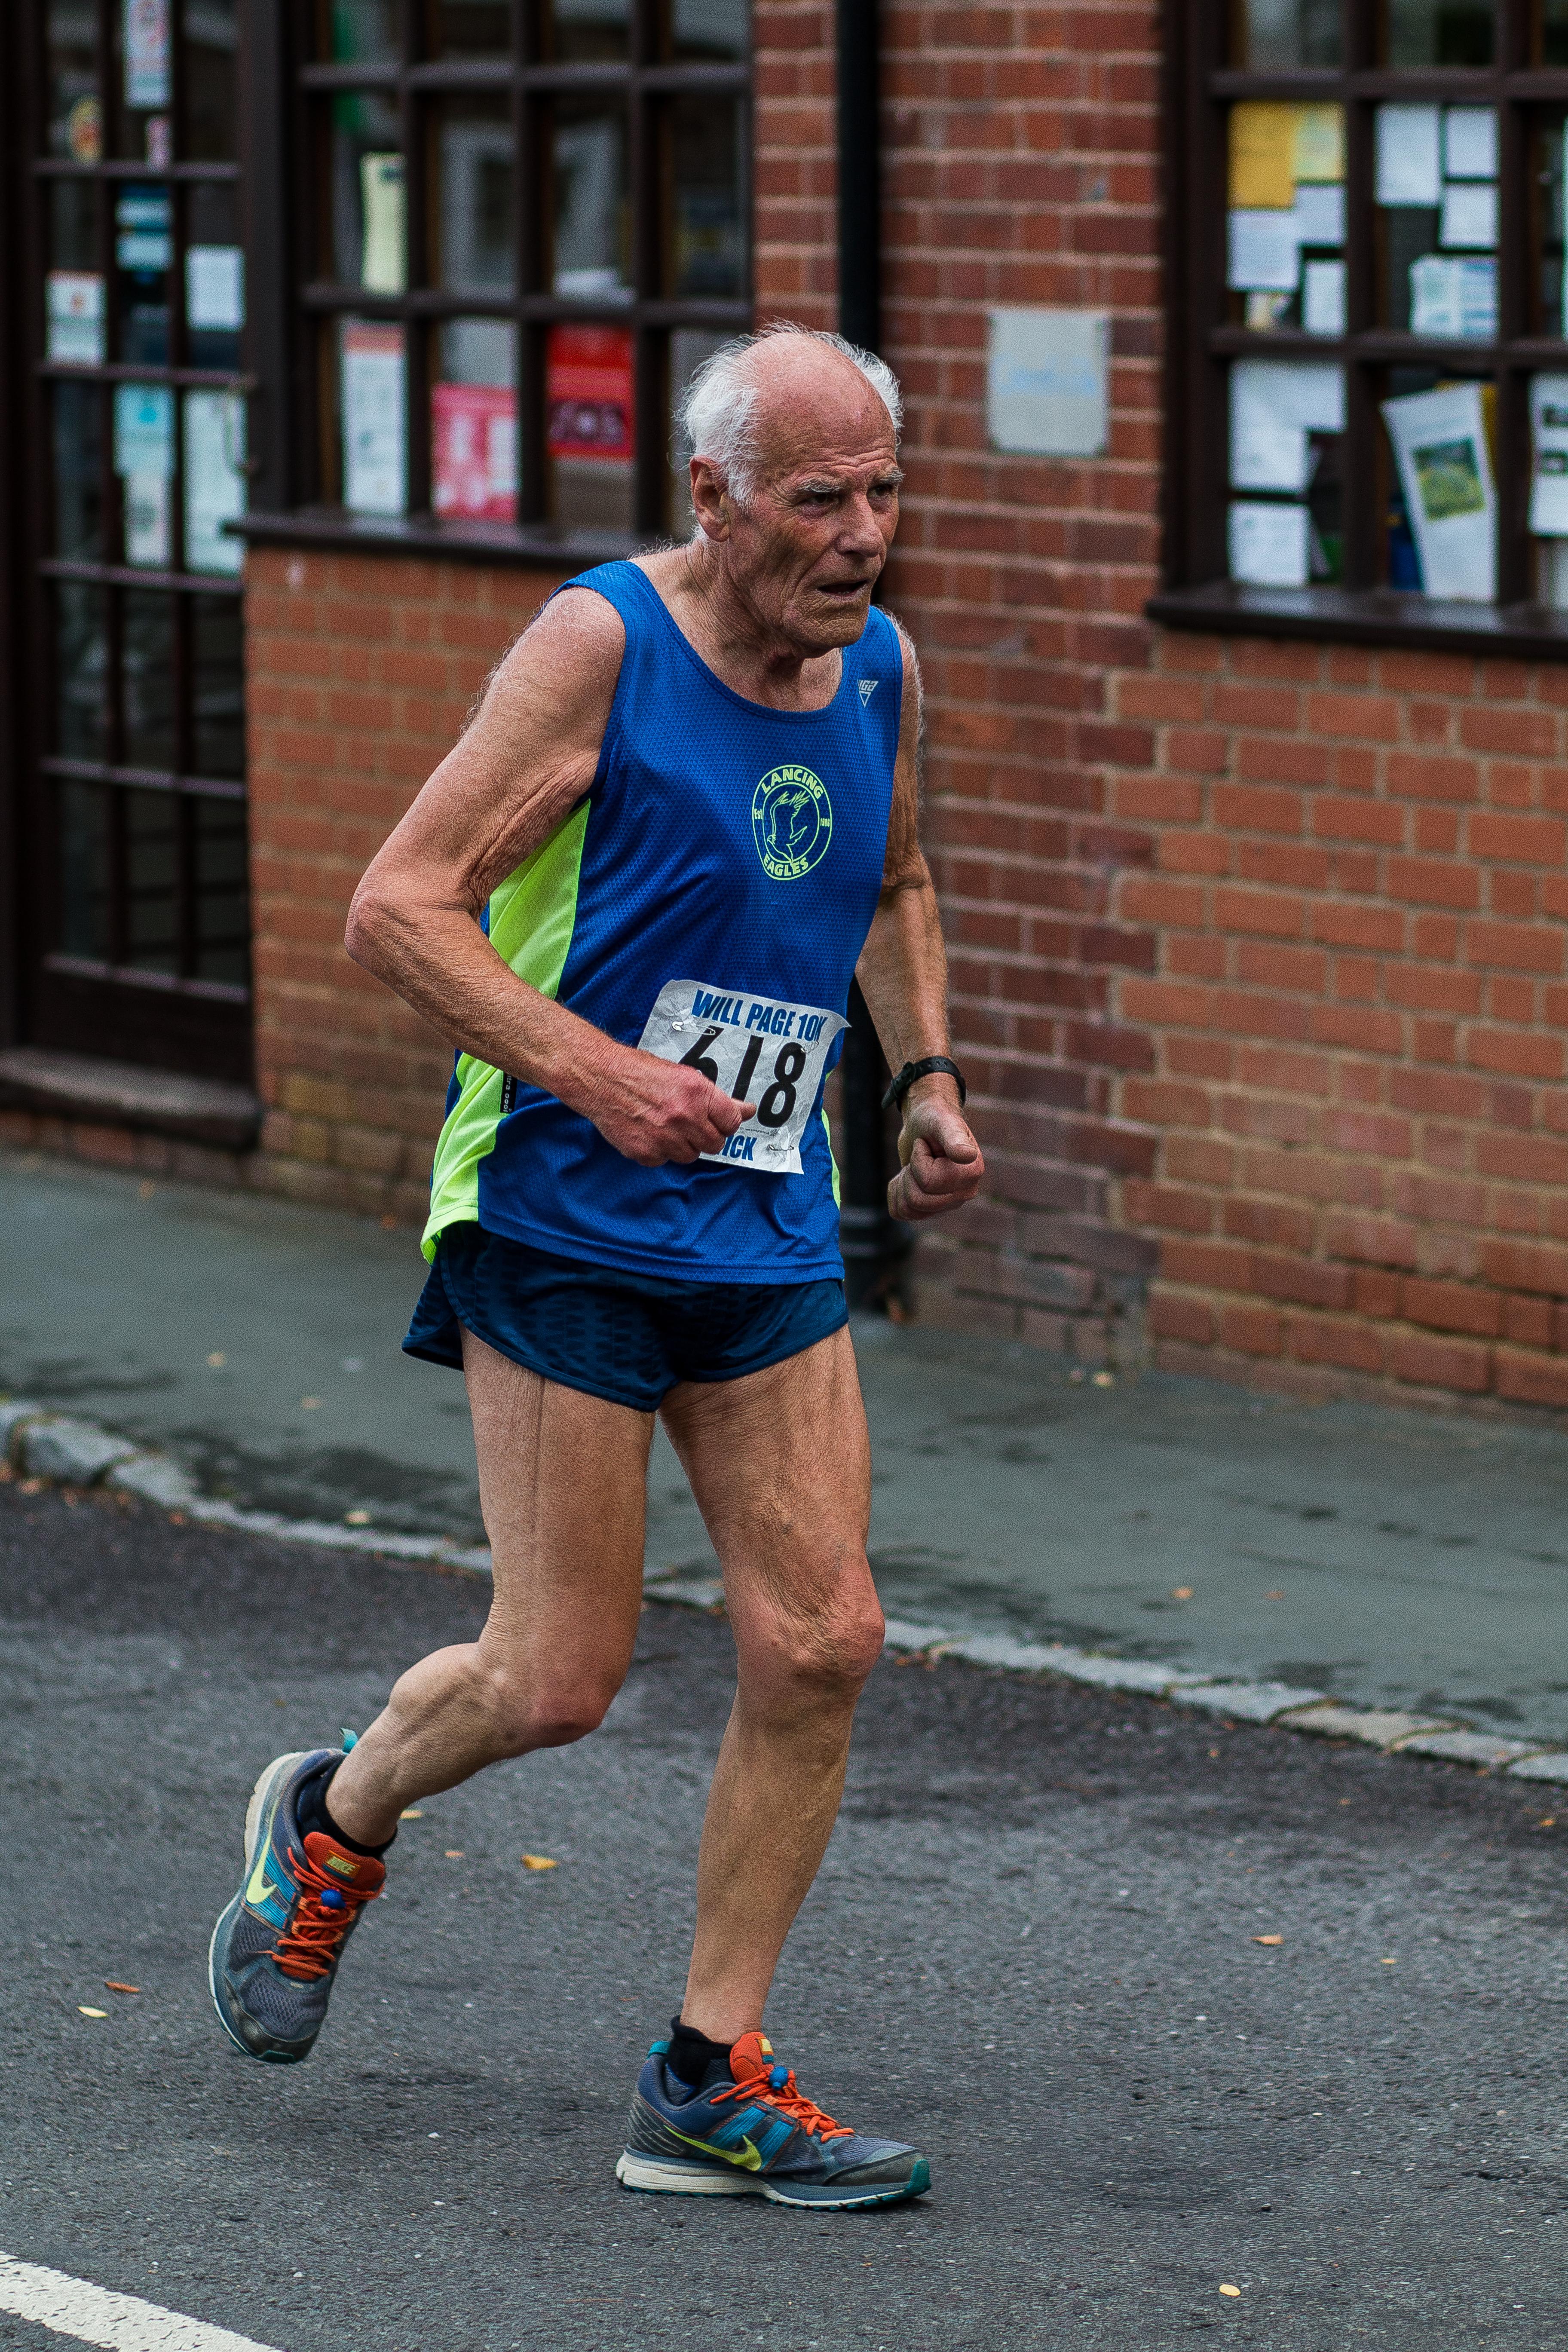 Runner - 618